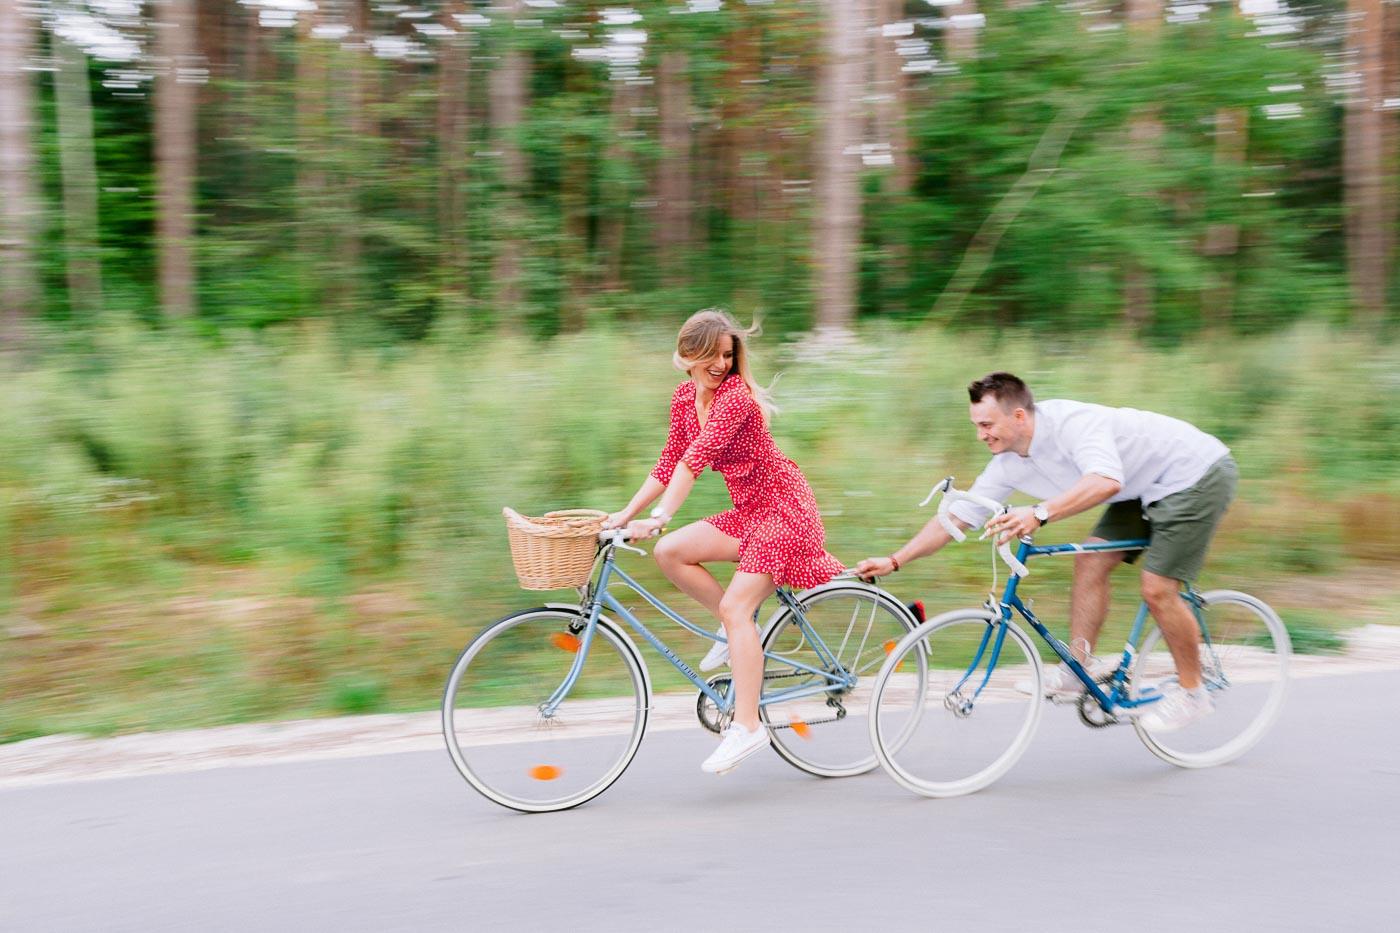 sesja narzeczeńska z rowerami w lesie